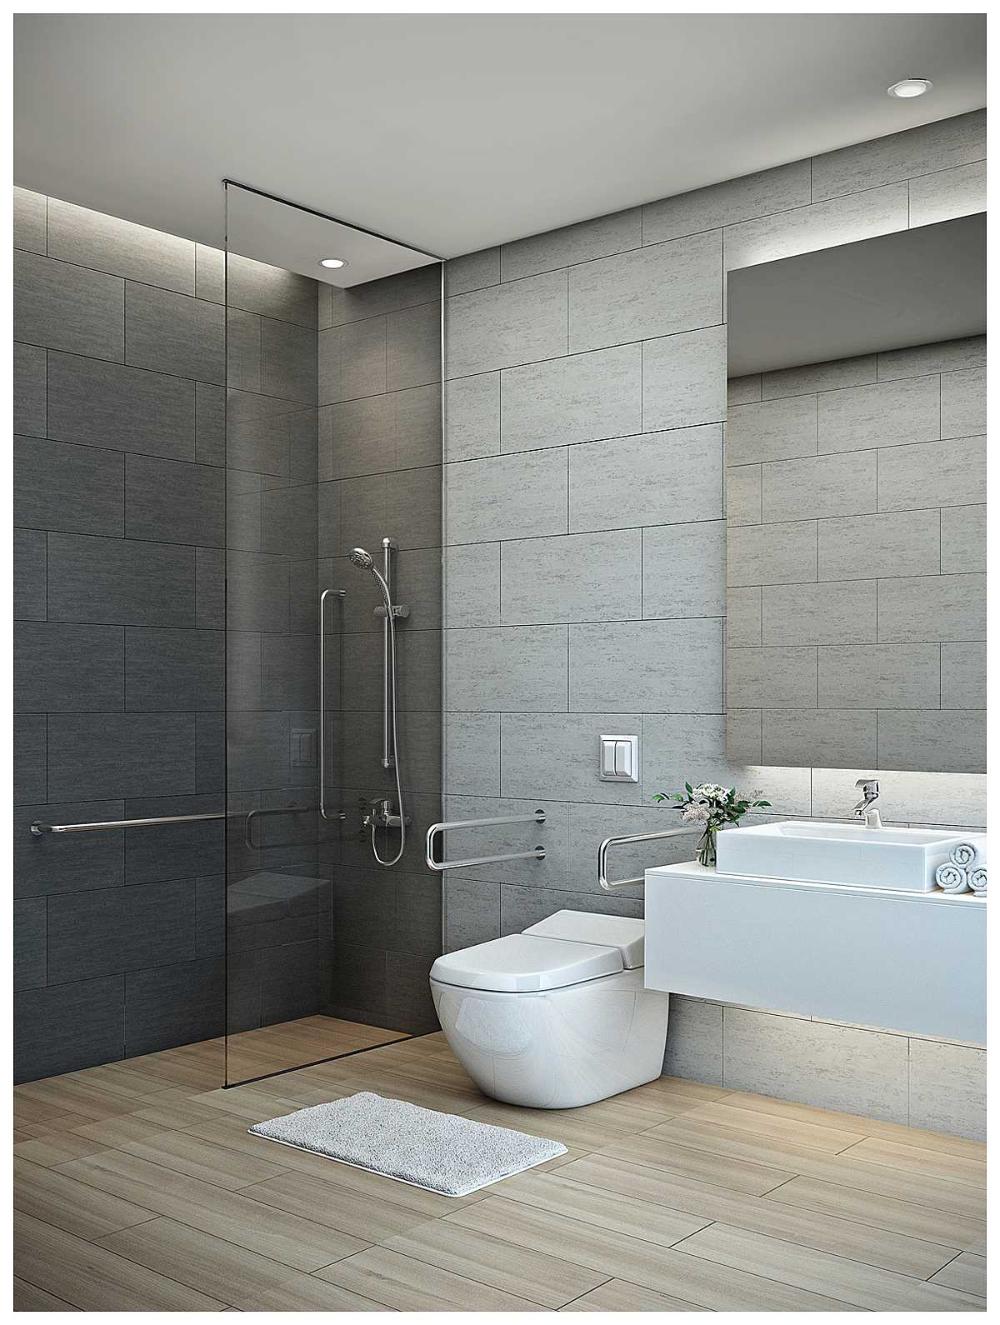 Small Bathroom Designs In 2020 Accessible Bathroom Design Universal Design Bathroom Handicap Bathroom Design